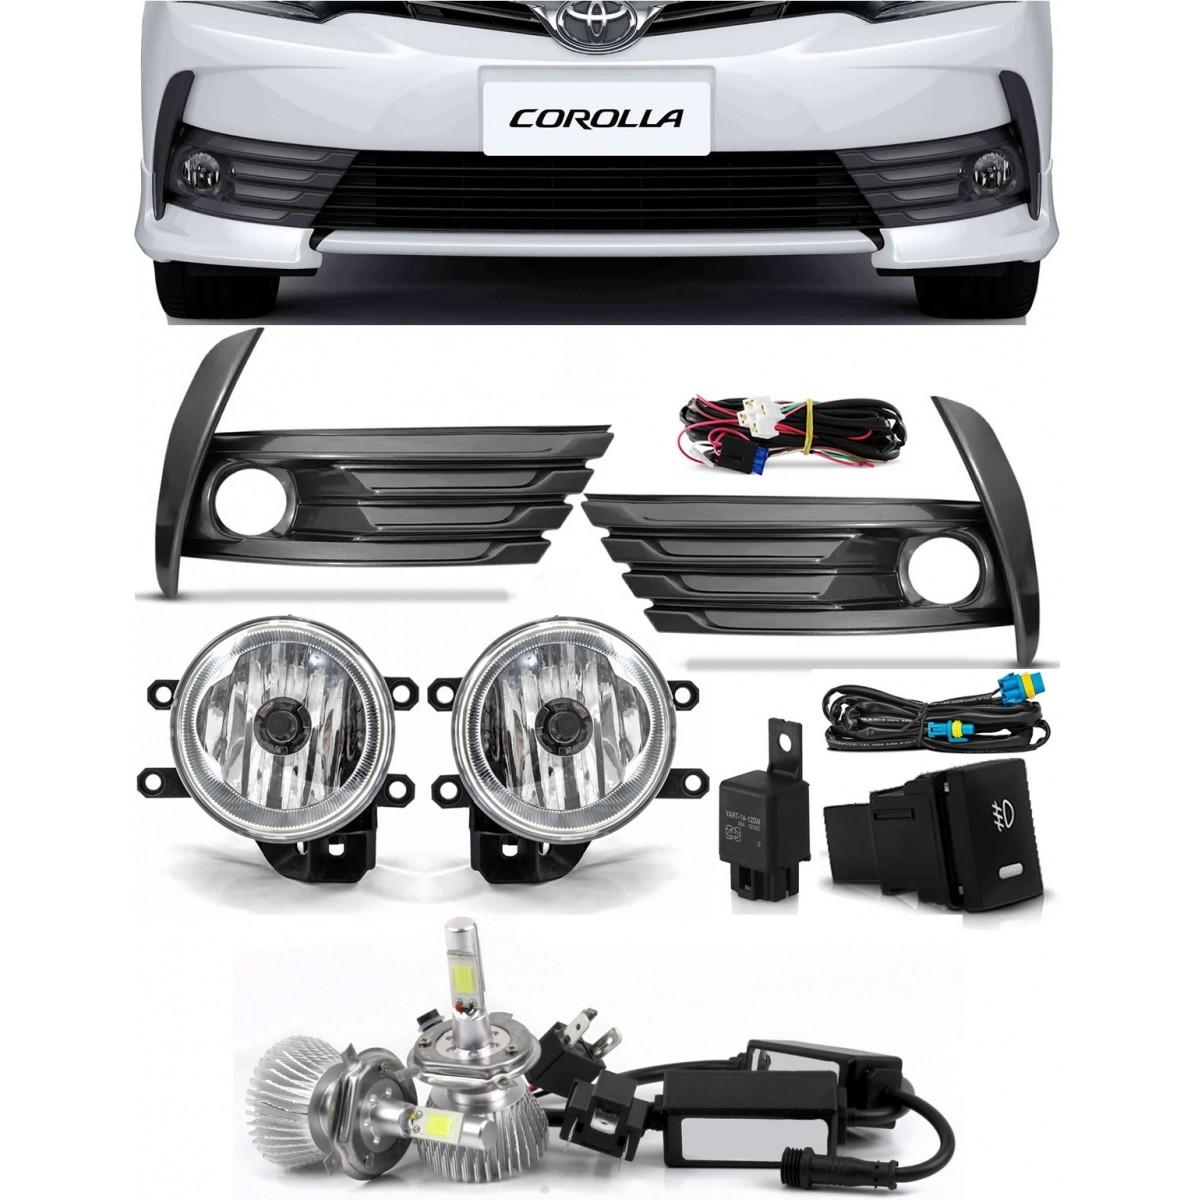 Kit Farol de Milha Neblina Toyota Corolla 2017 2018 2019 - Interruptor Modelo Original + Kit Lâmpada Super LED Headlight H11 6000K 12V e 24V 32W 2200LM